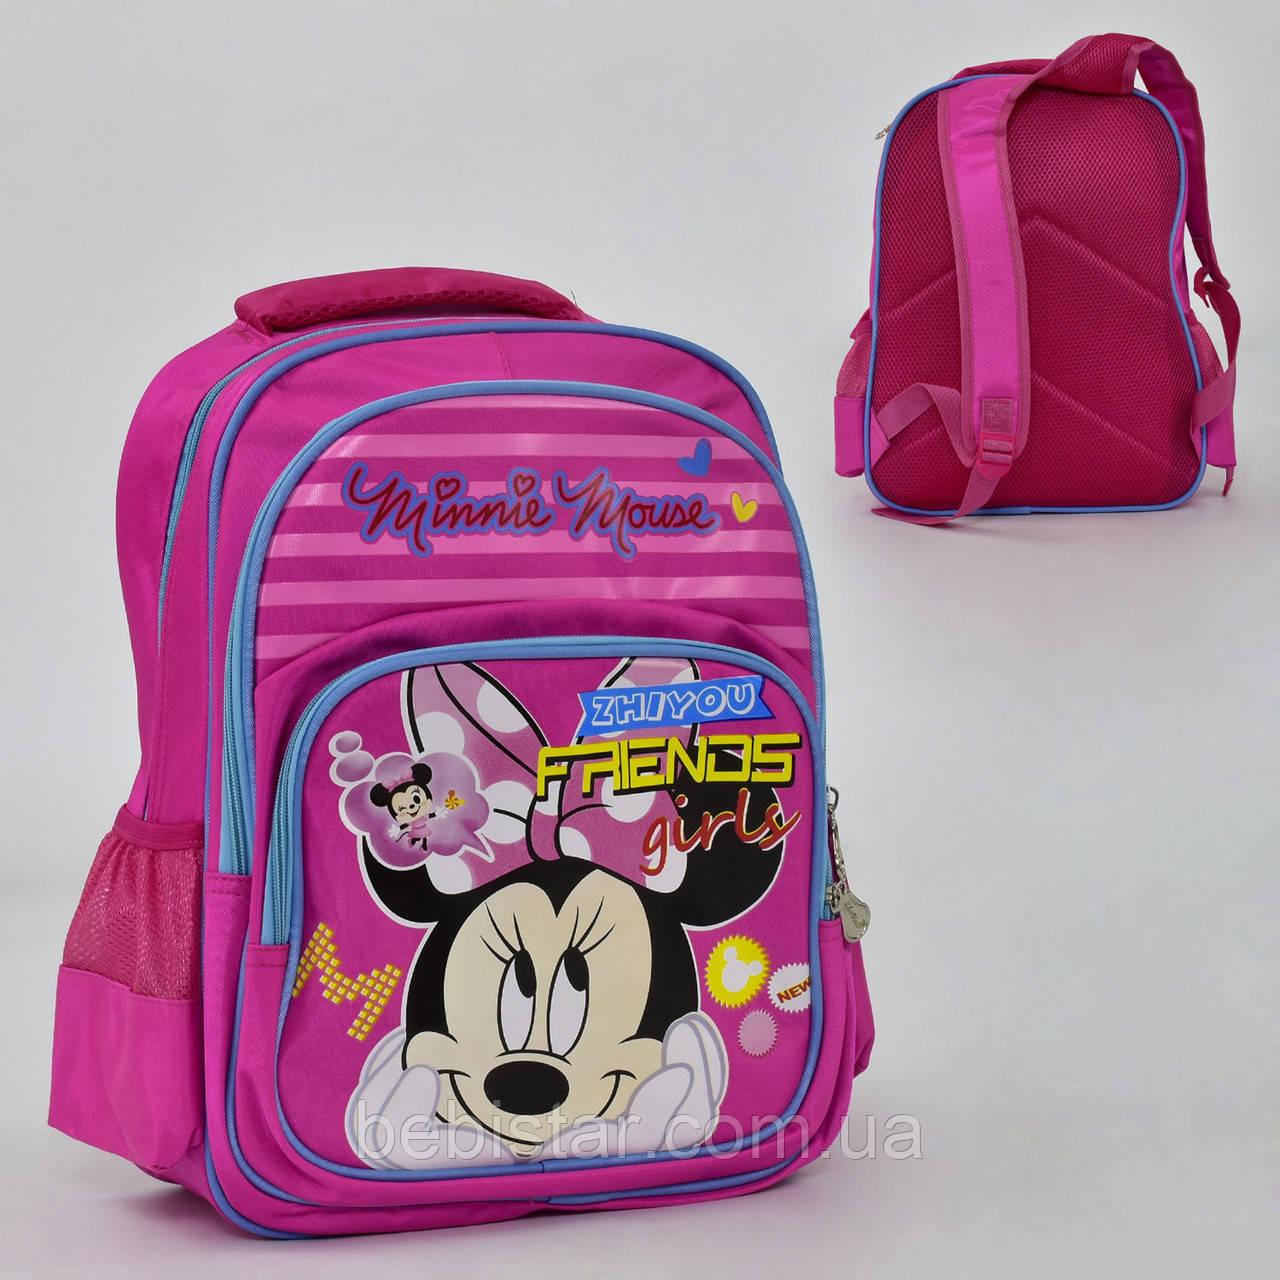 Шкільний рюкзак ортопедична спинка 3 кишені з зображенням Міккі Мауса для дівчинки